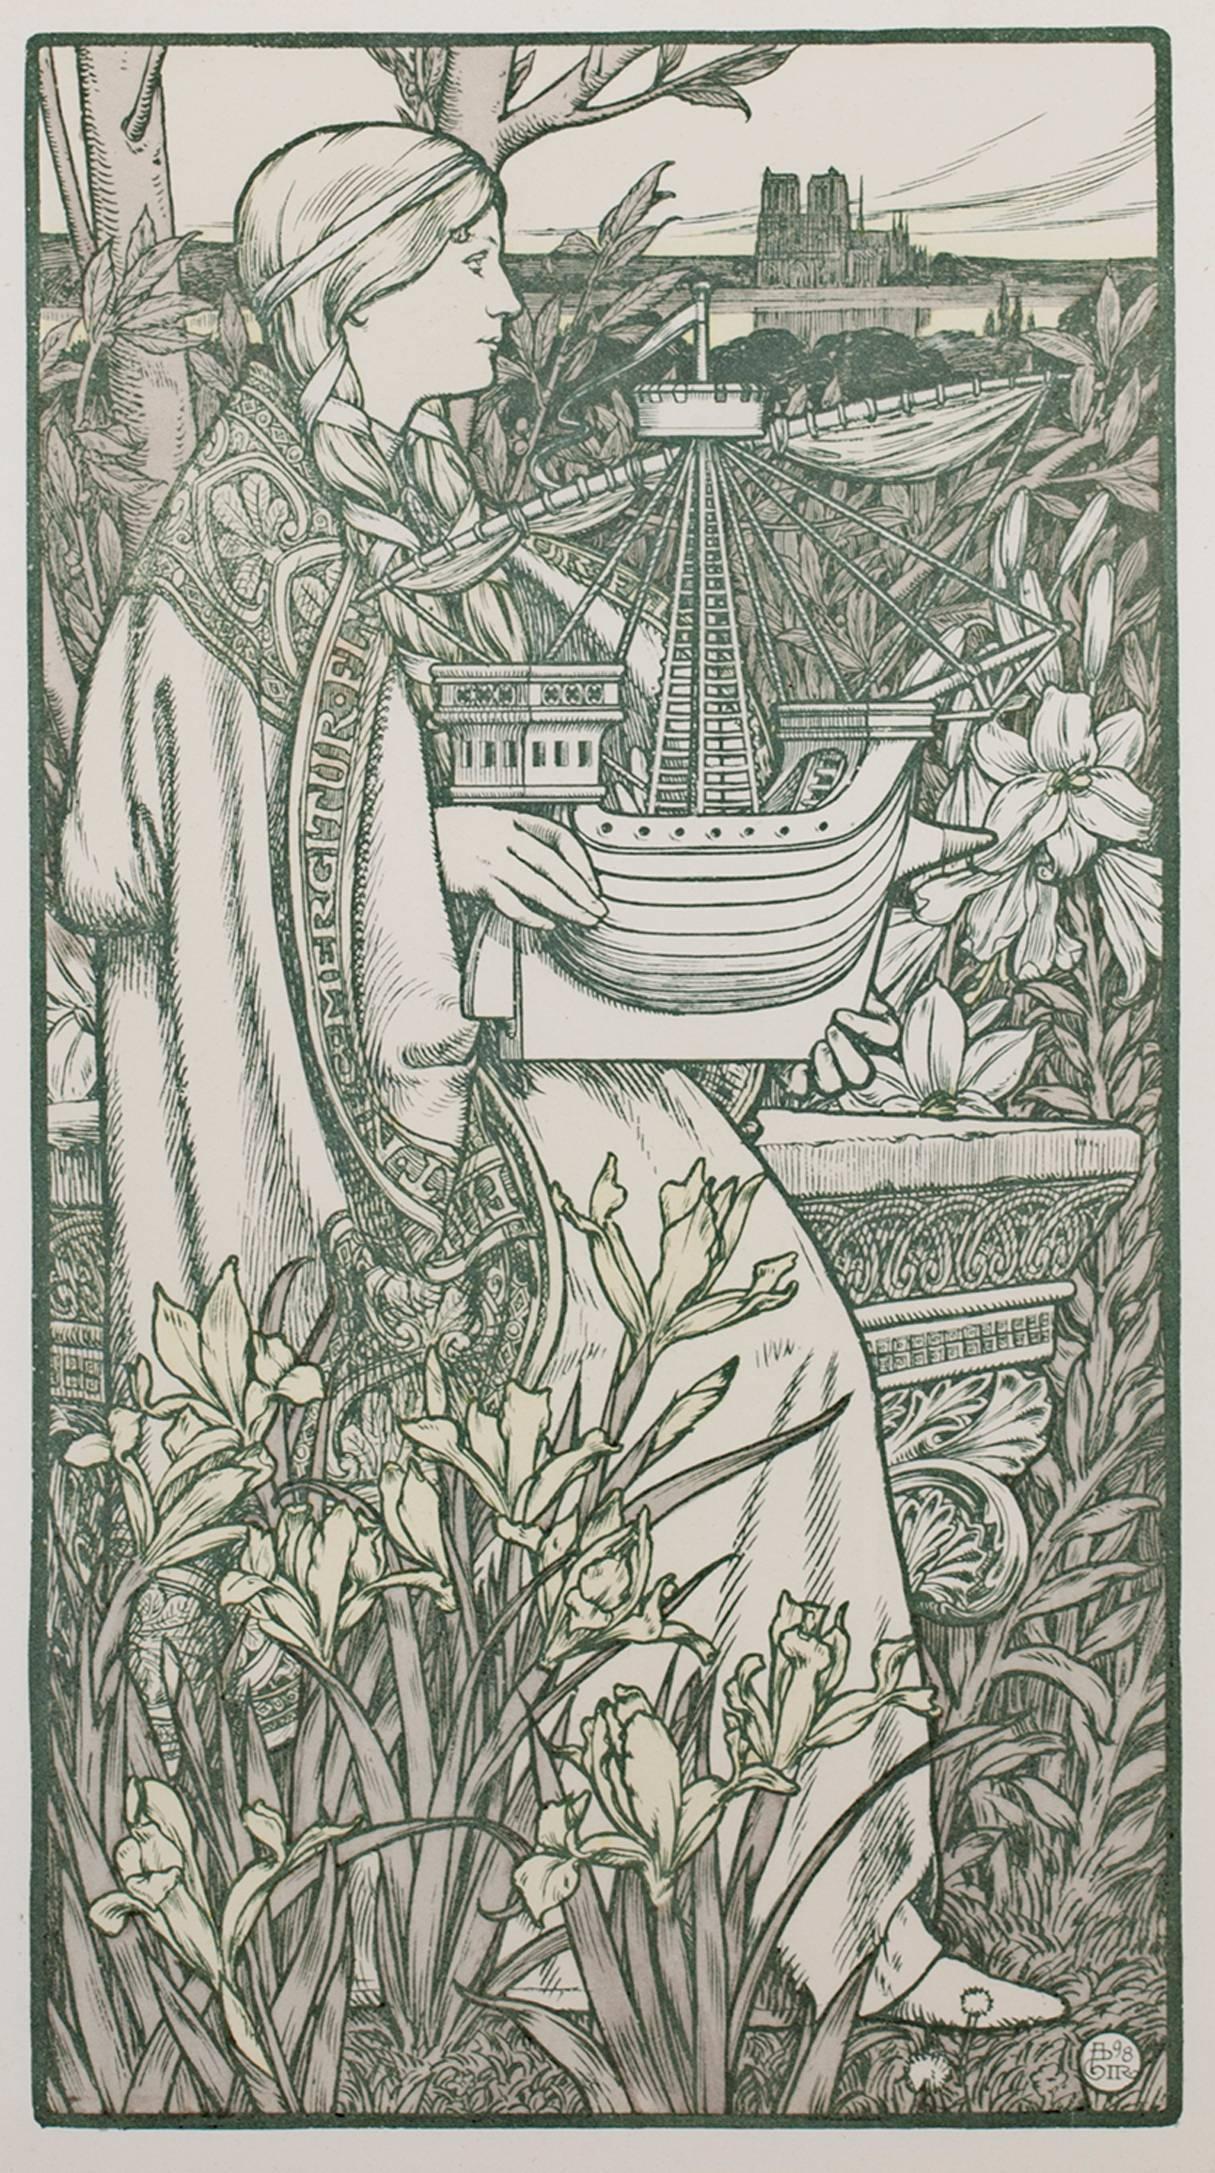 Lithograph - Adolphe Giraldon 1898